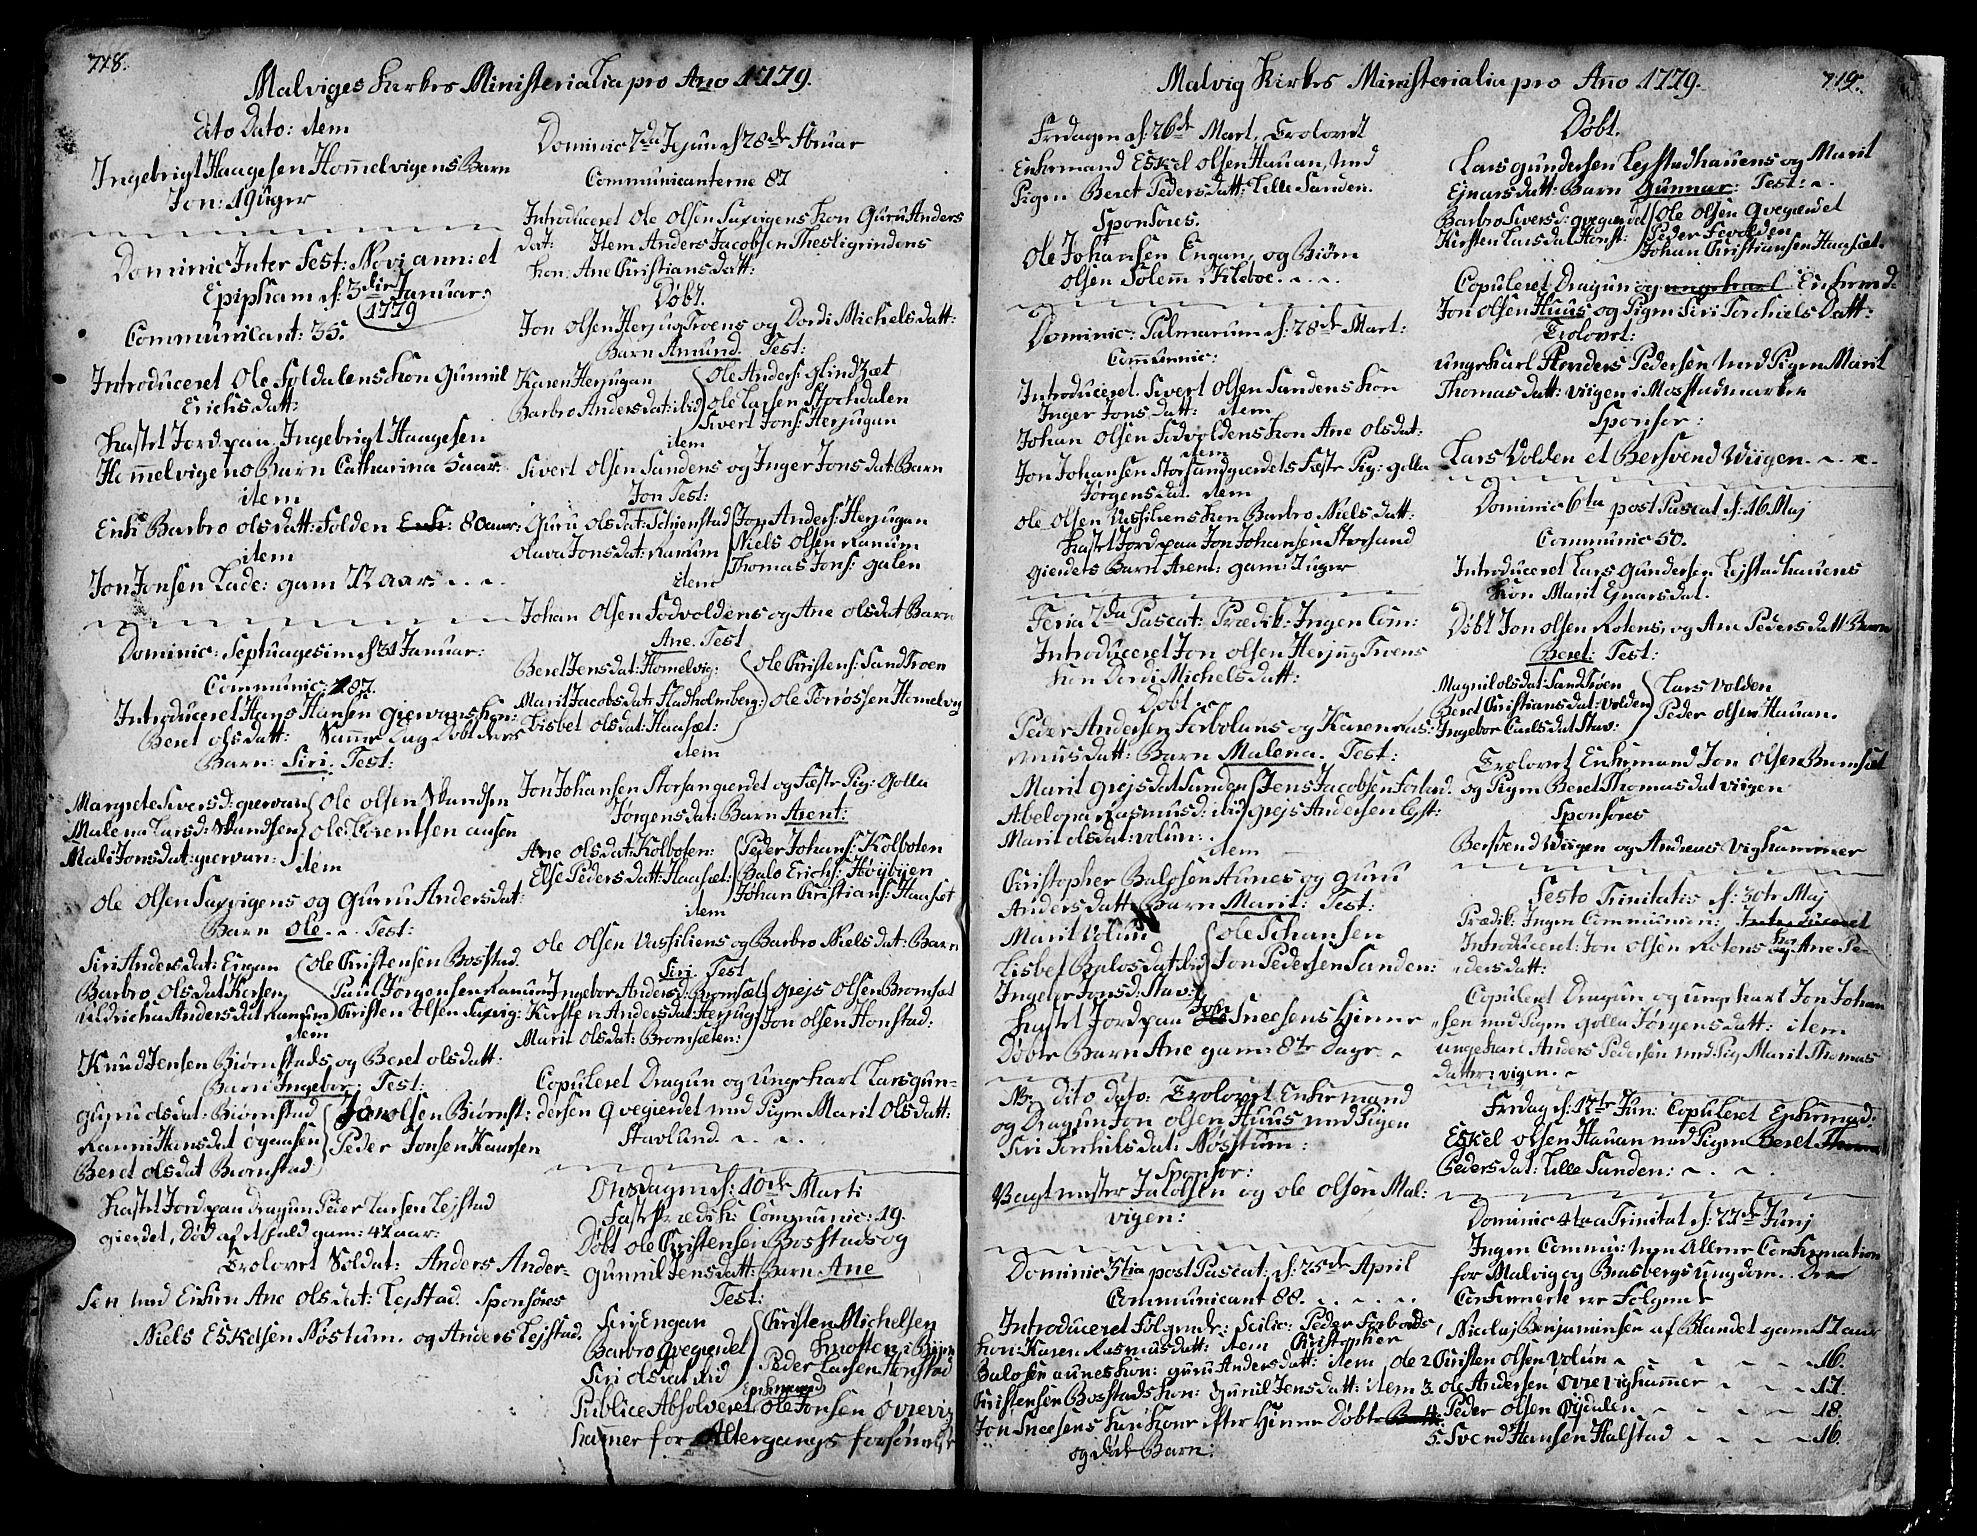 SAT, Ministerialprotokoller, klokkerbøker og fødselsregistre - Sør-Trøndelag, 606/L0277: Ministerialbok nr. 606A01 /3, 1727-1780, s. 718-719